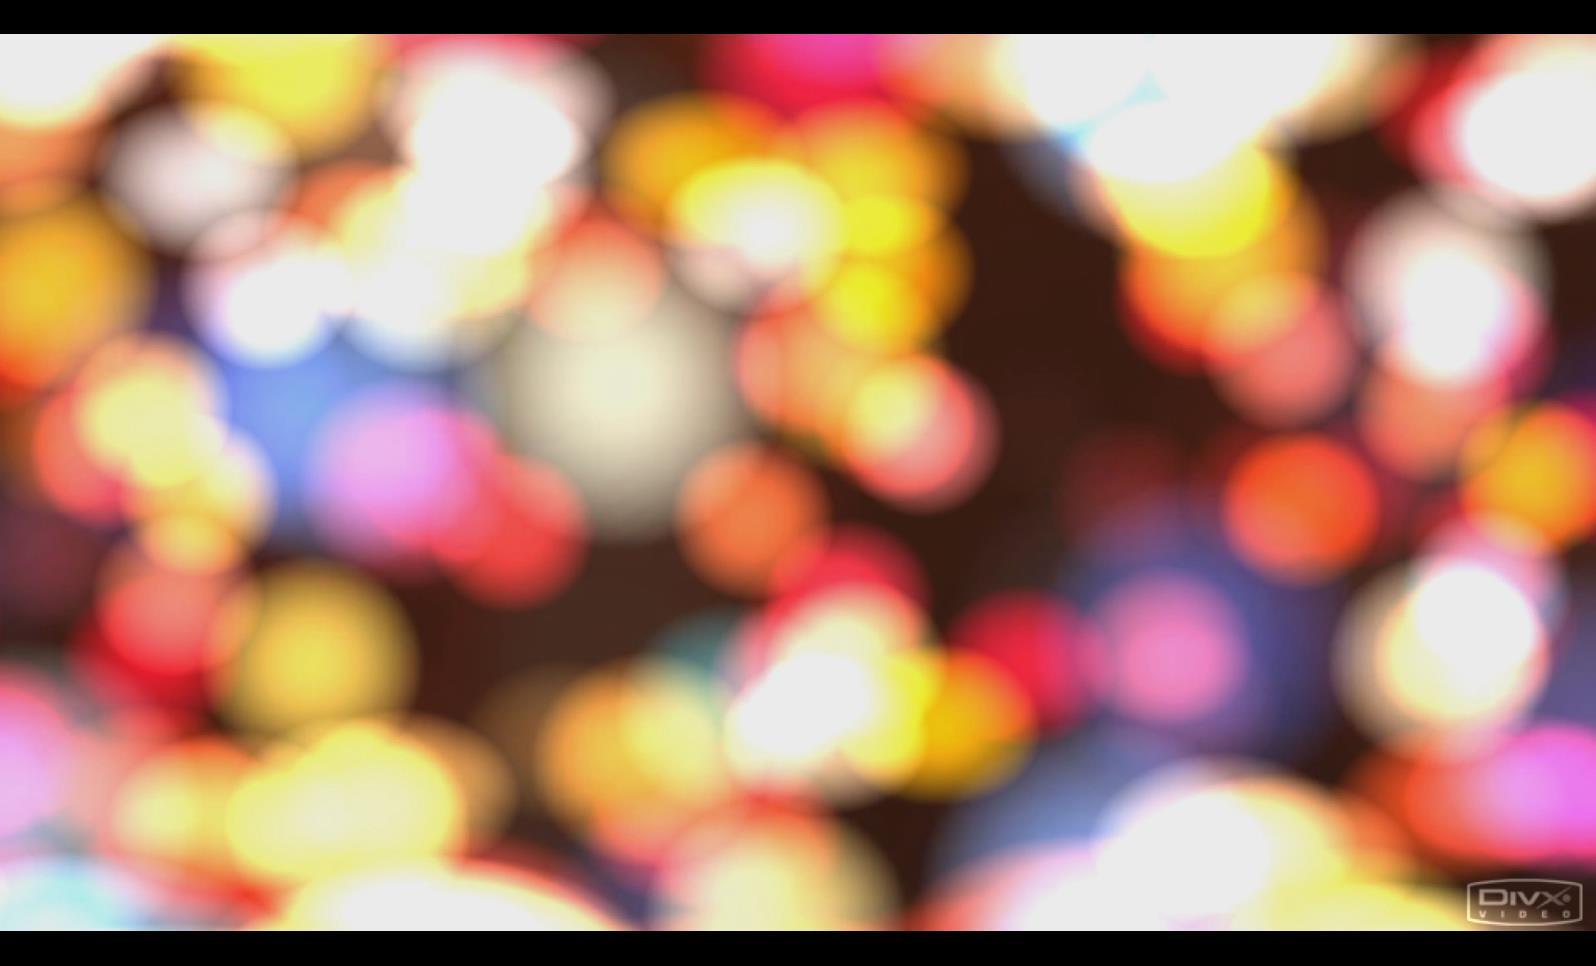 VJ 078 花纹五彩缤纷梦幻流光视频背景素材